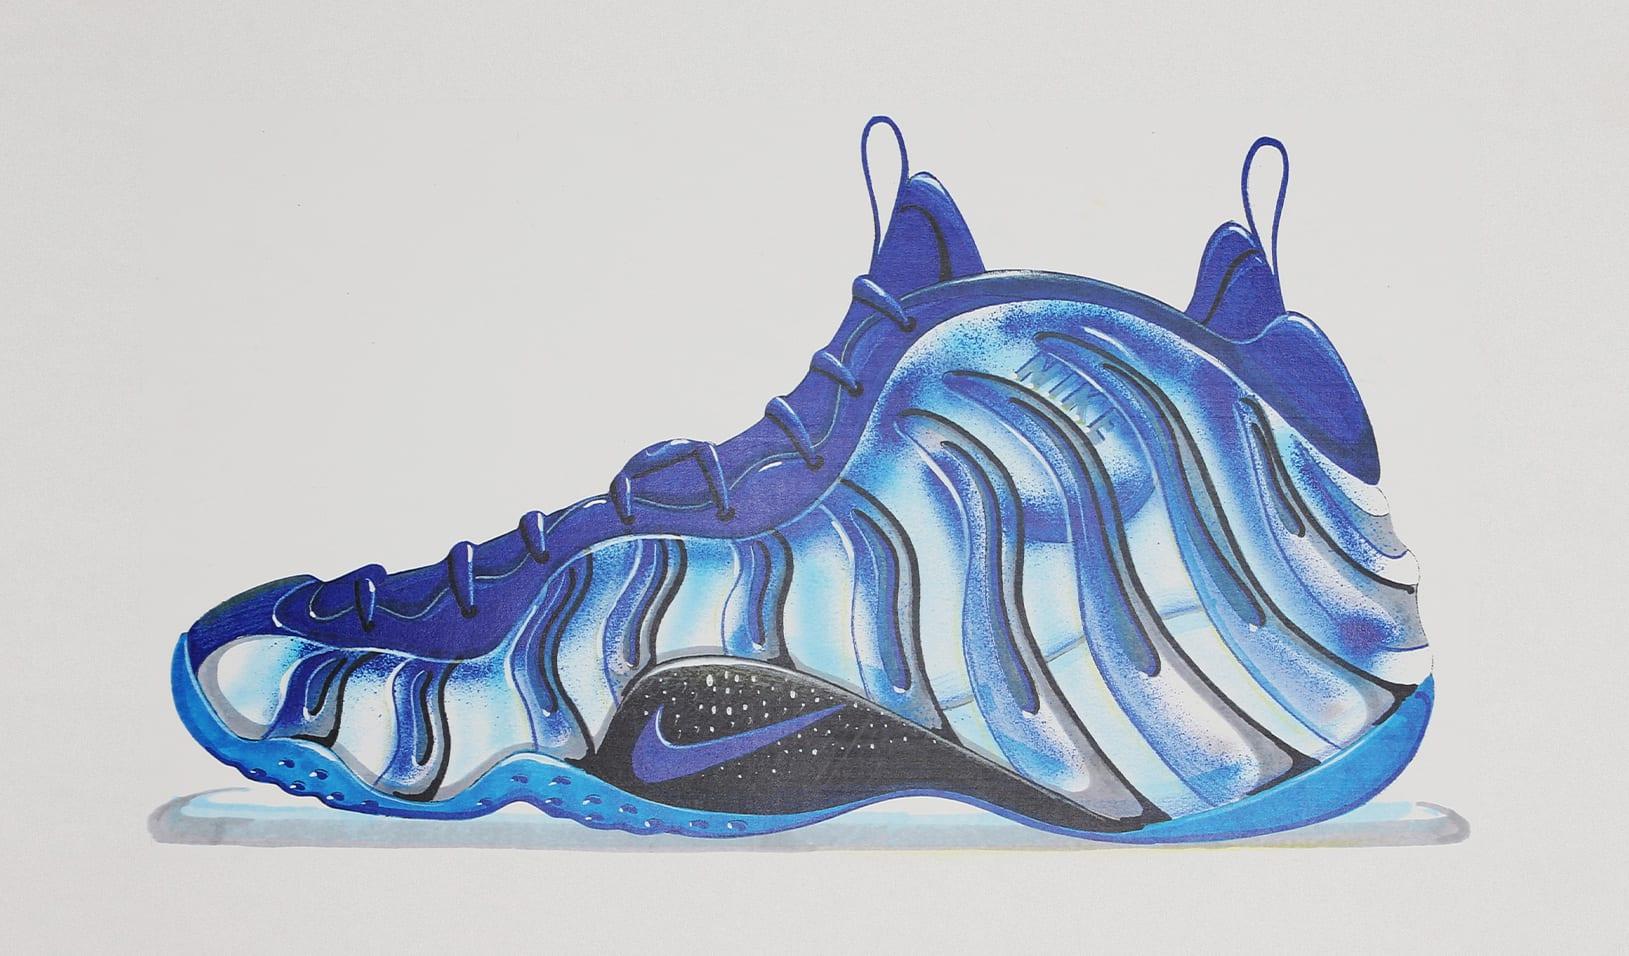 finest selection 05374 77e5b Nike Foamposite Sketch